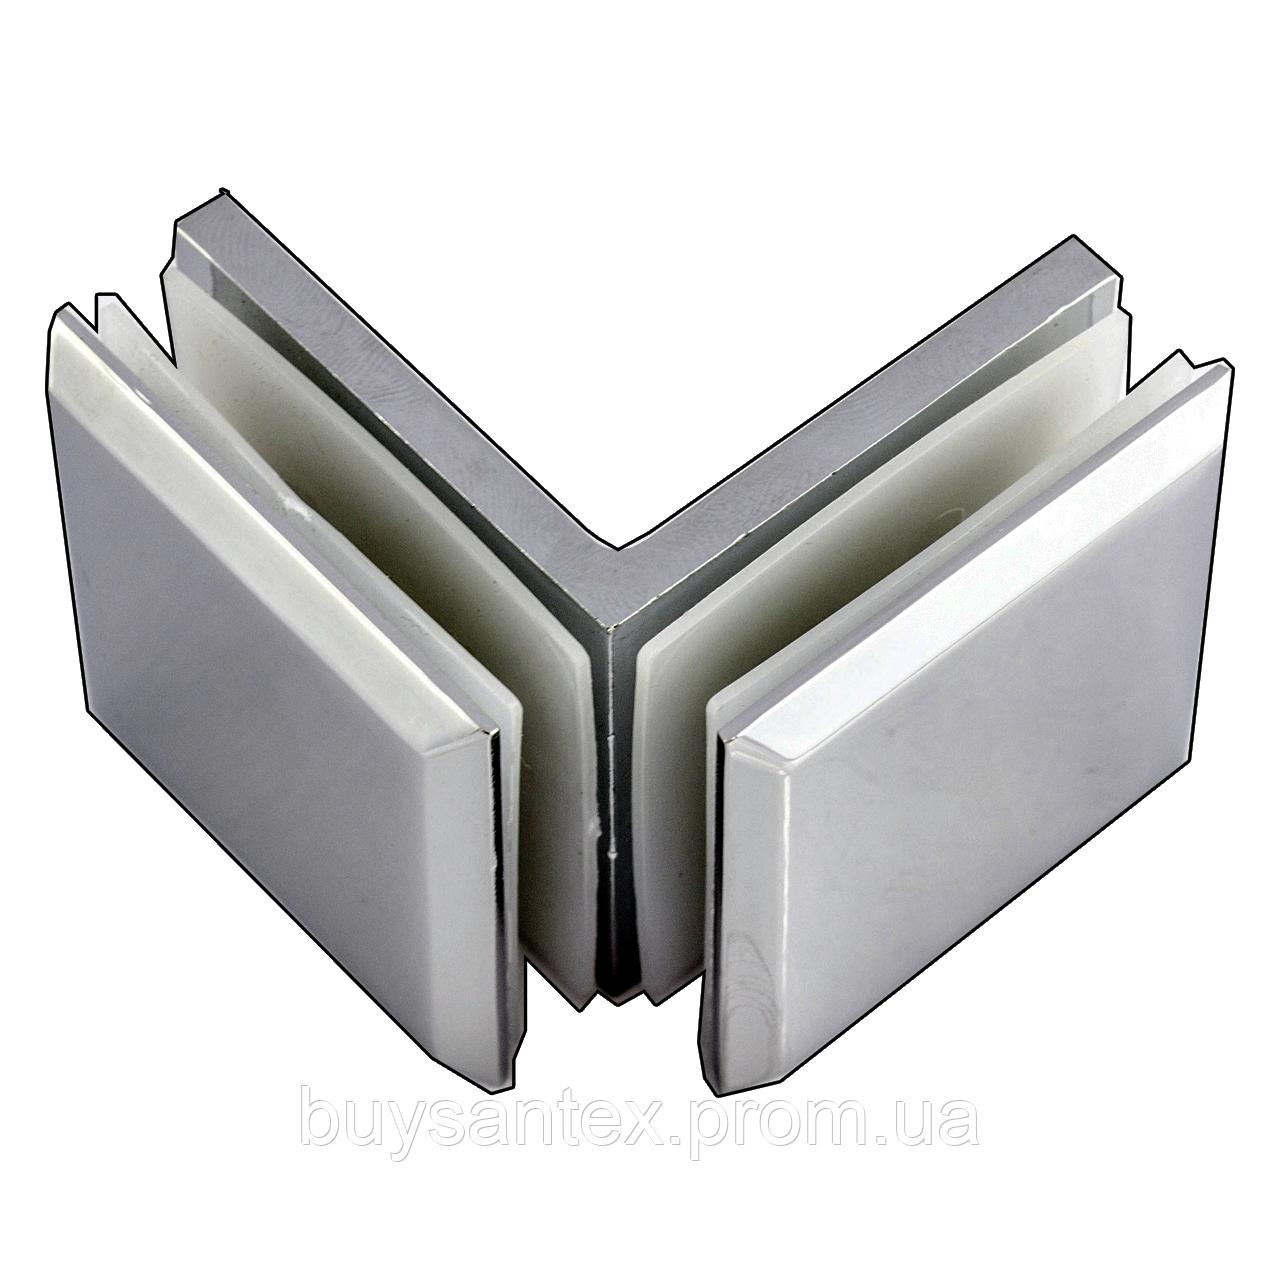 Крепление стекло-стекло 90° К902 хром 45х45